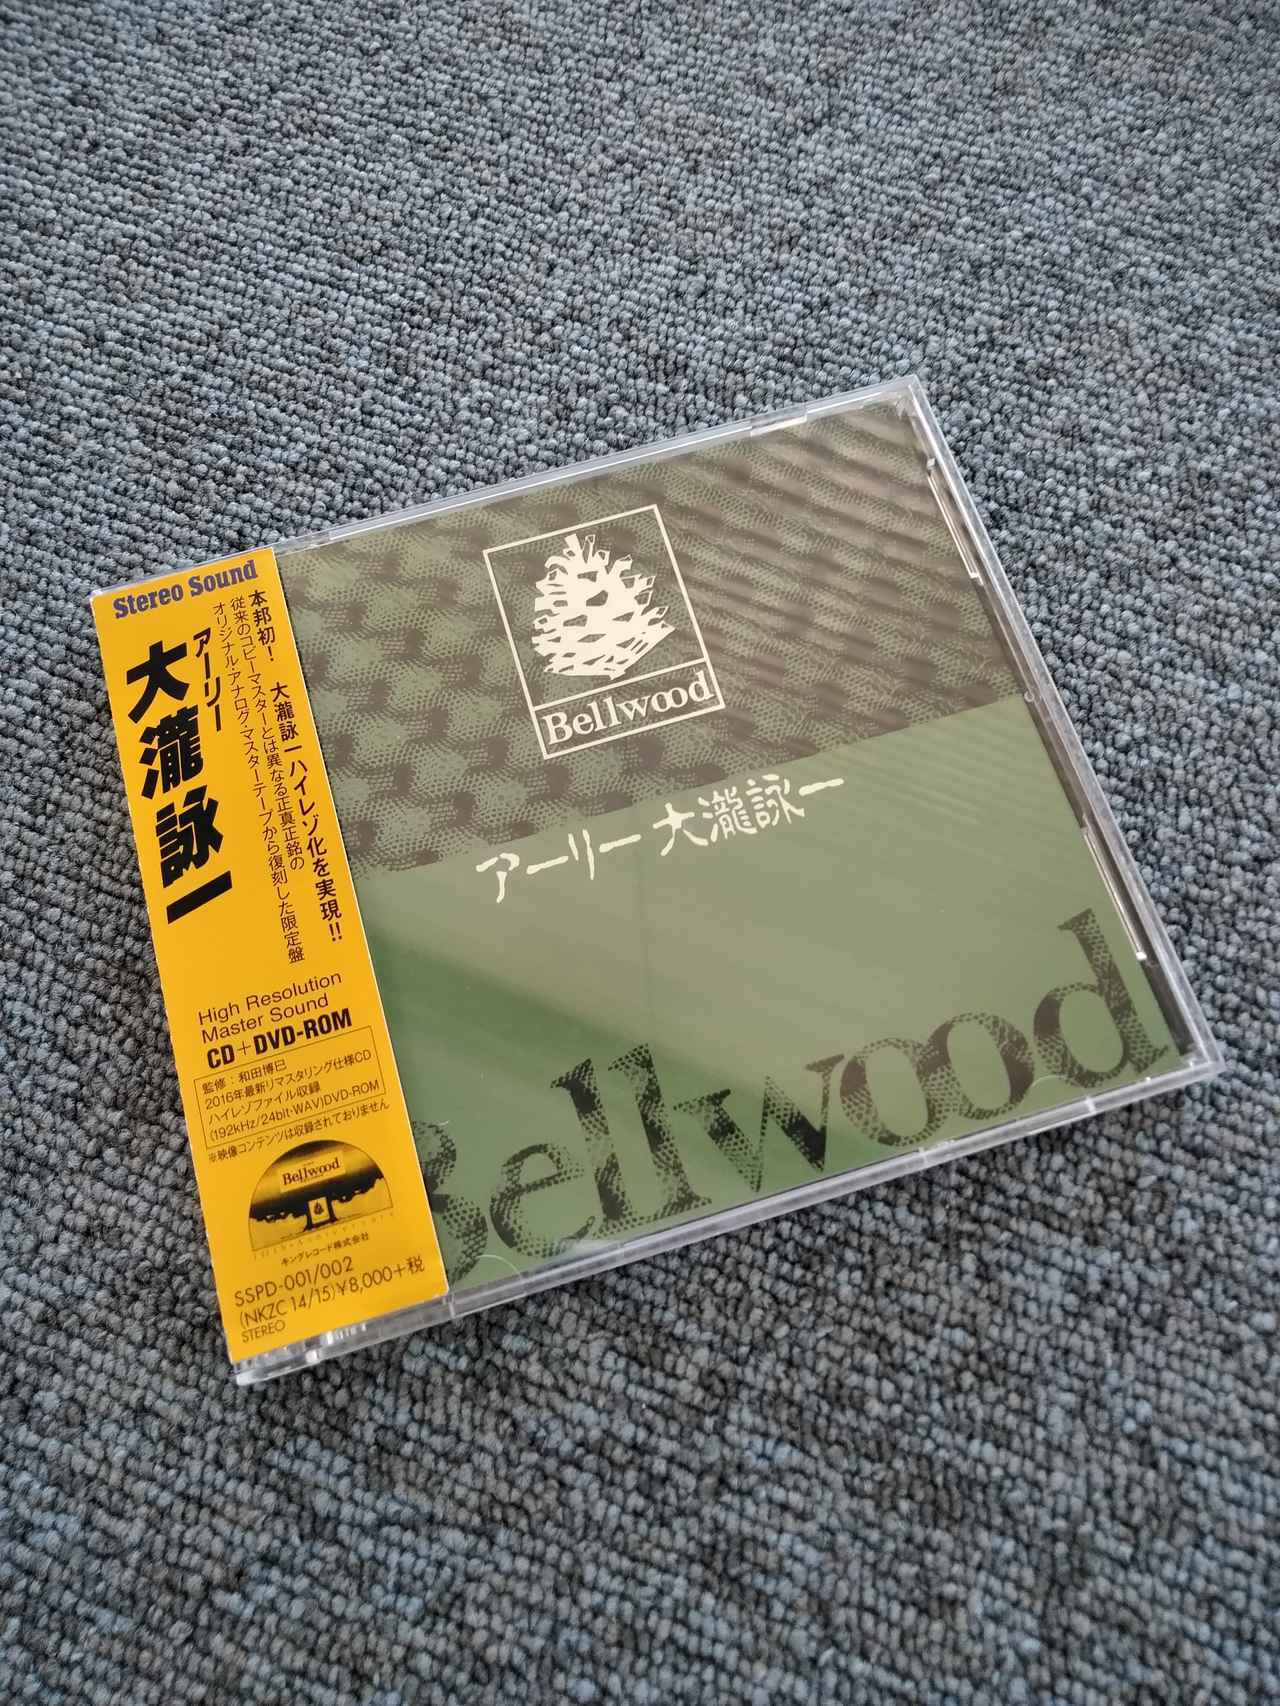 画像: 本邦初の大滝詠一ハイレゾ音源『アーリー大瀧詠一』CD+DVD-ROM https://www.stereosound-store.jp/fs/ssstore/2416